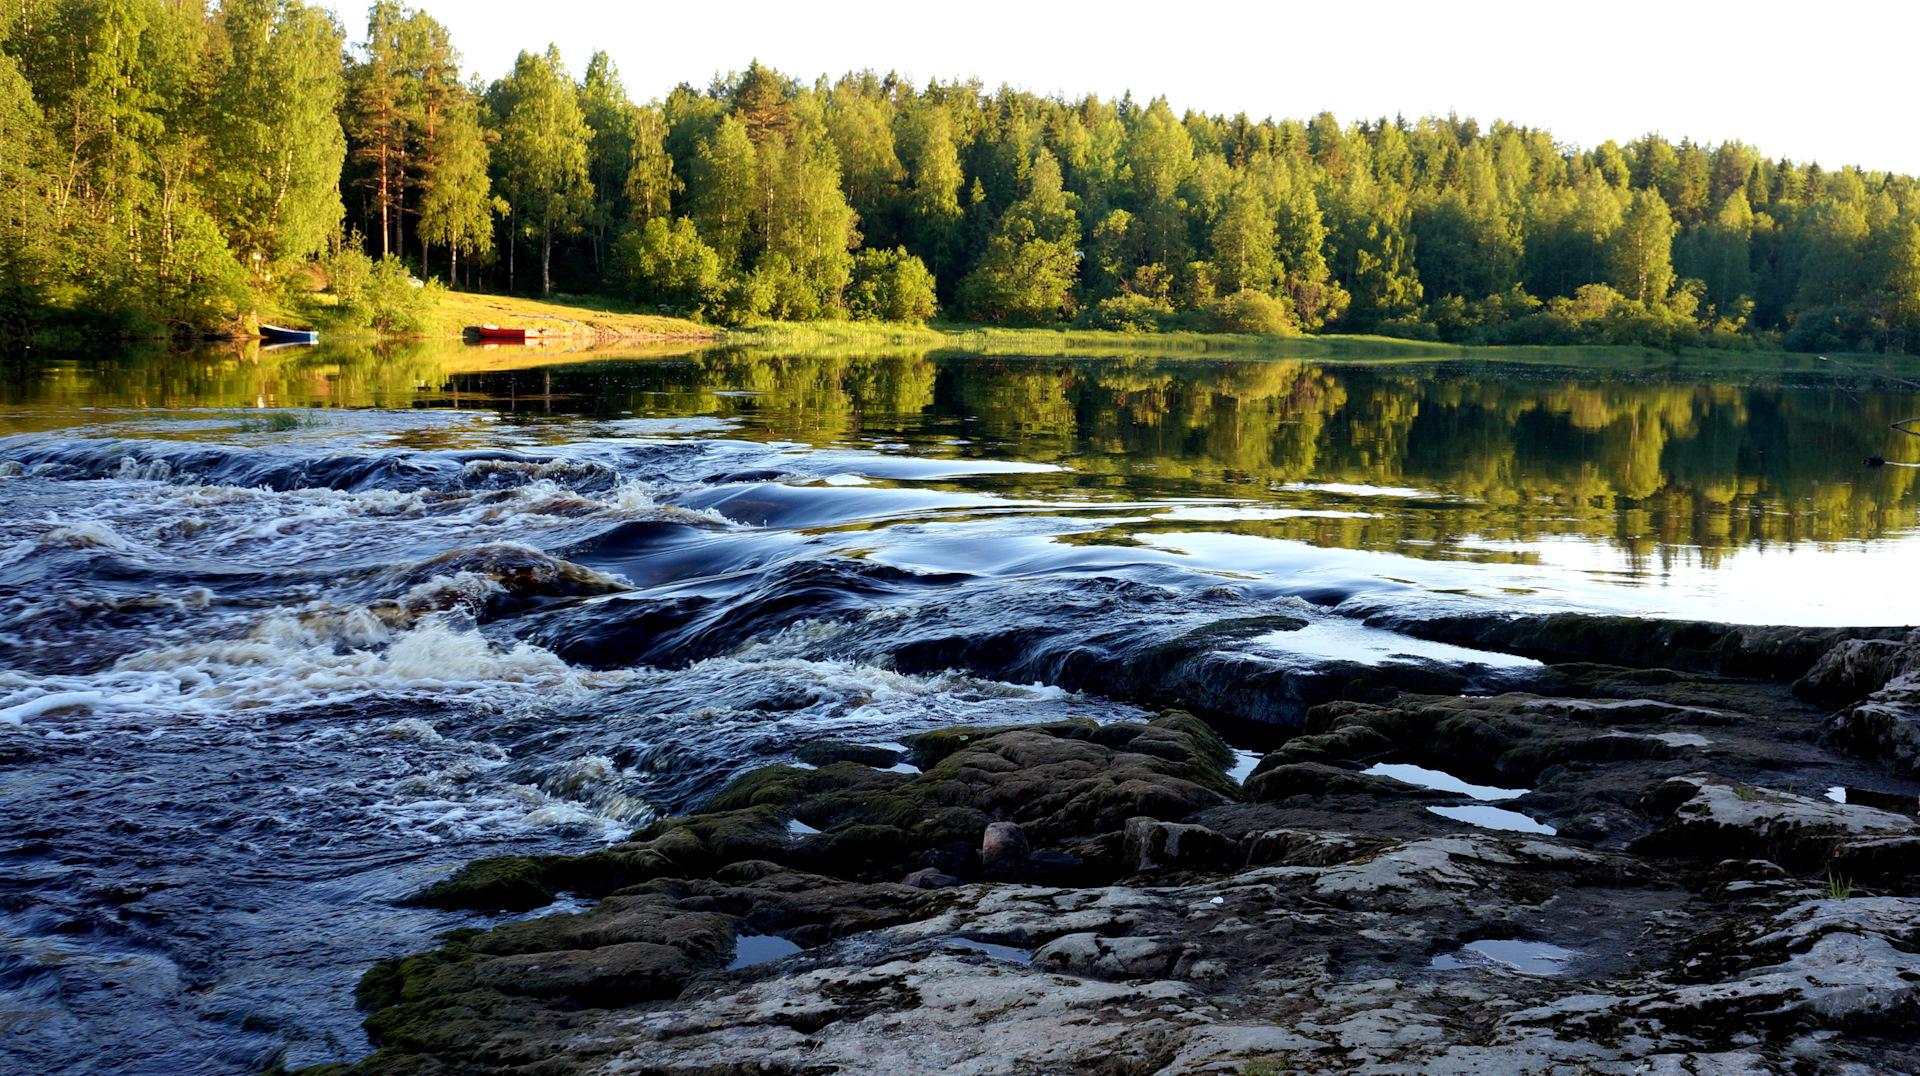 фото реки шуя в карелии д виданы котлеты